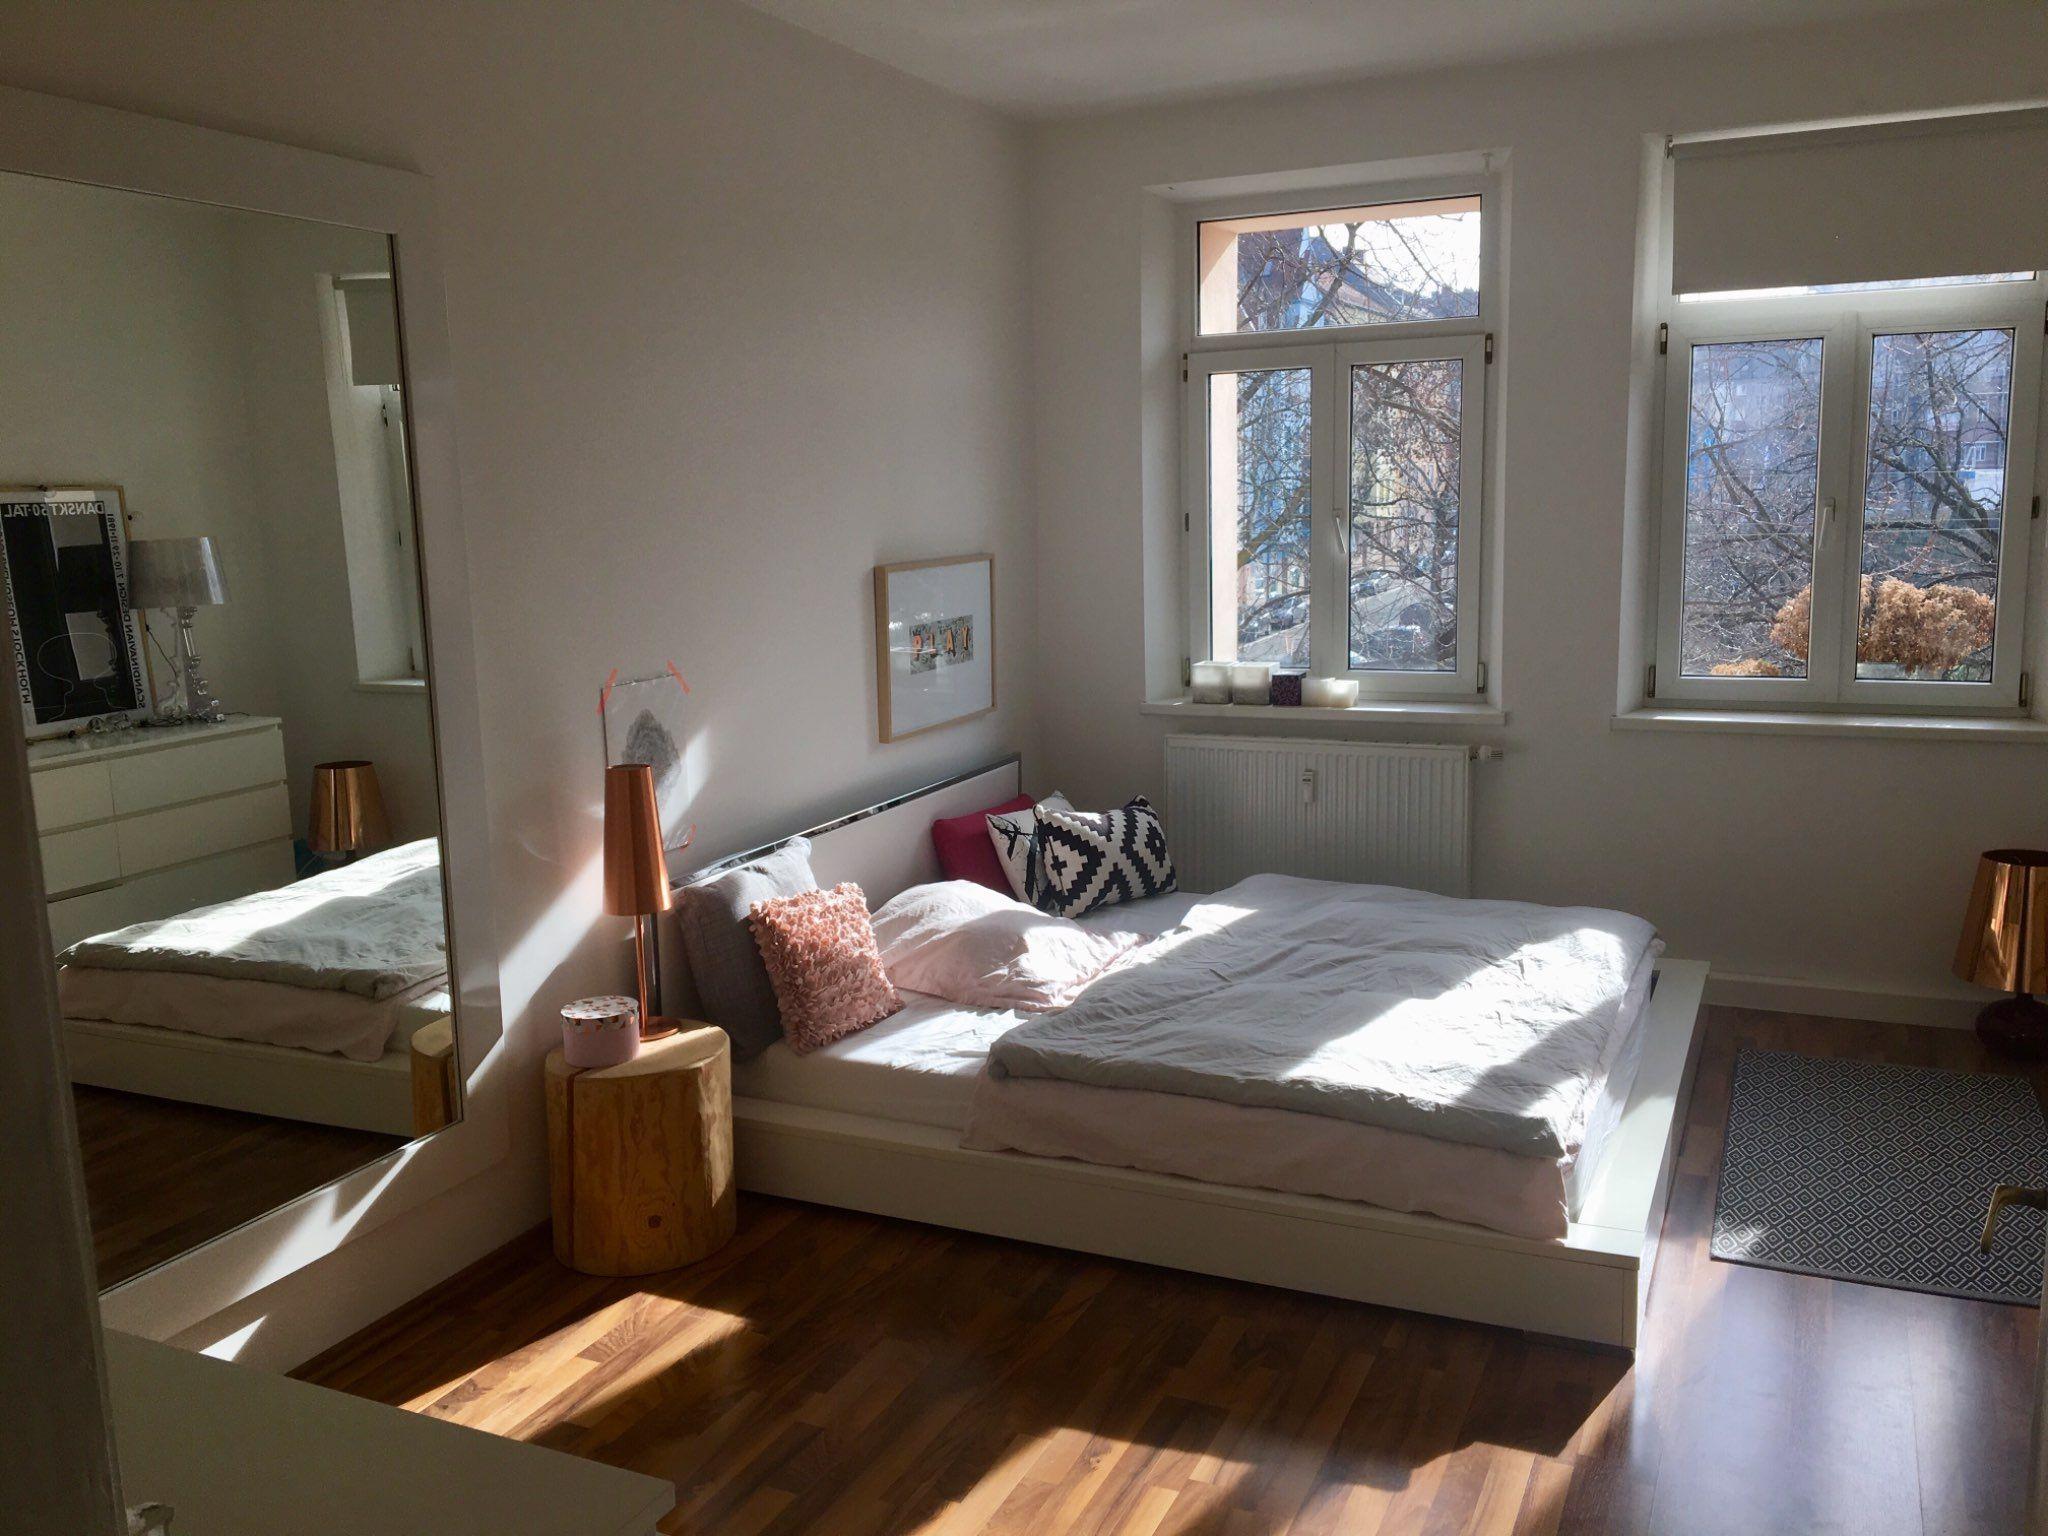 Wohlfuhlen Durch Einfachheit Und Ordnung Wg Zimmer Wohnung Zimmer